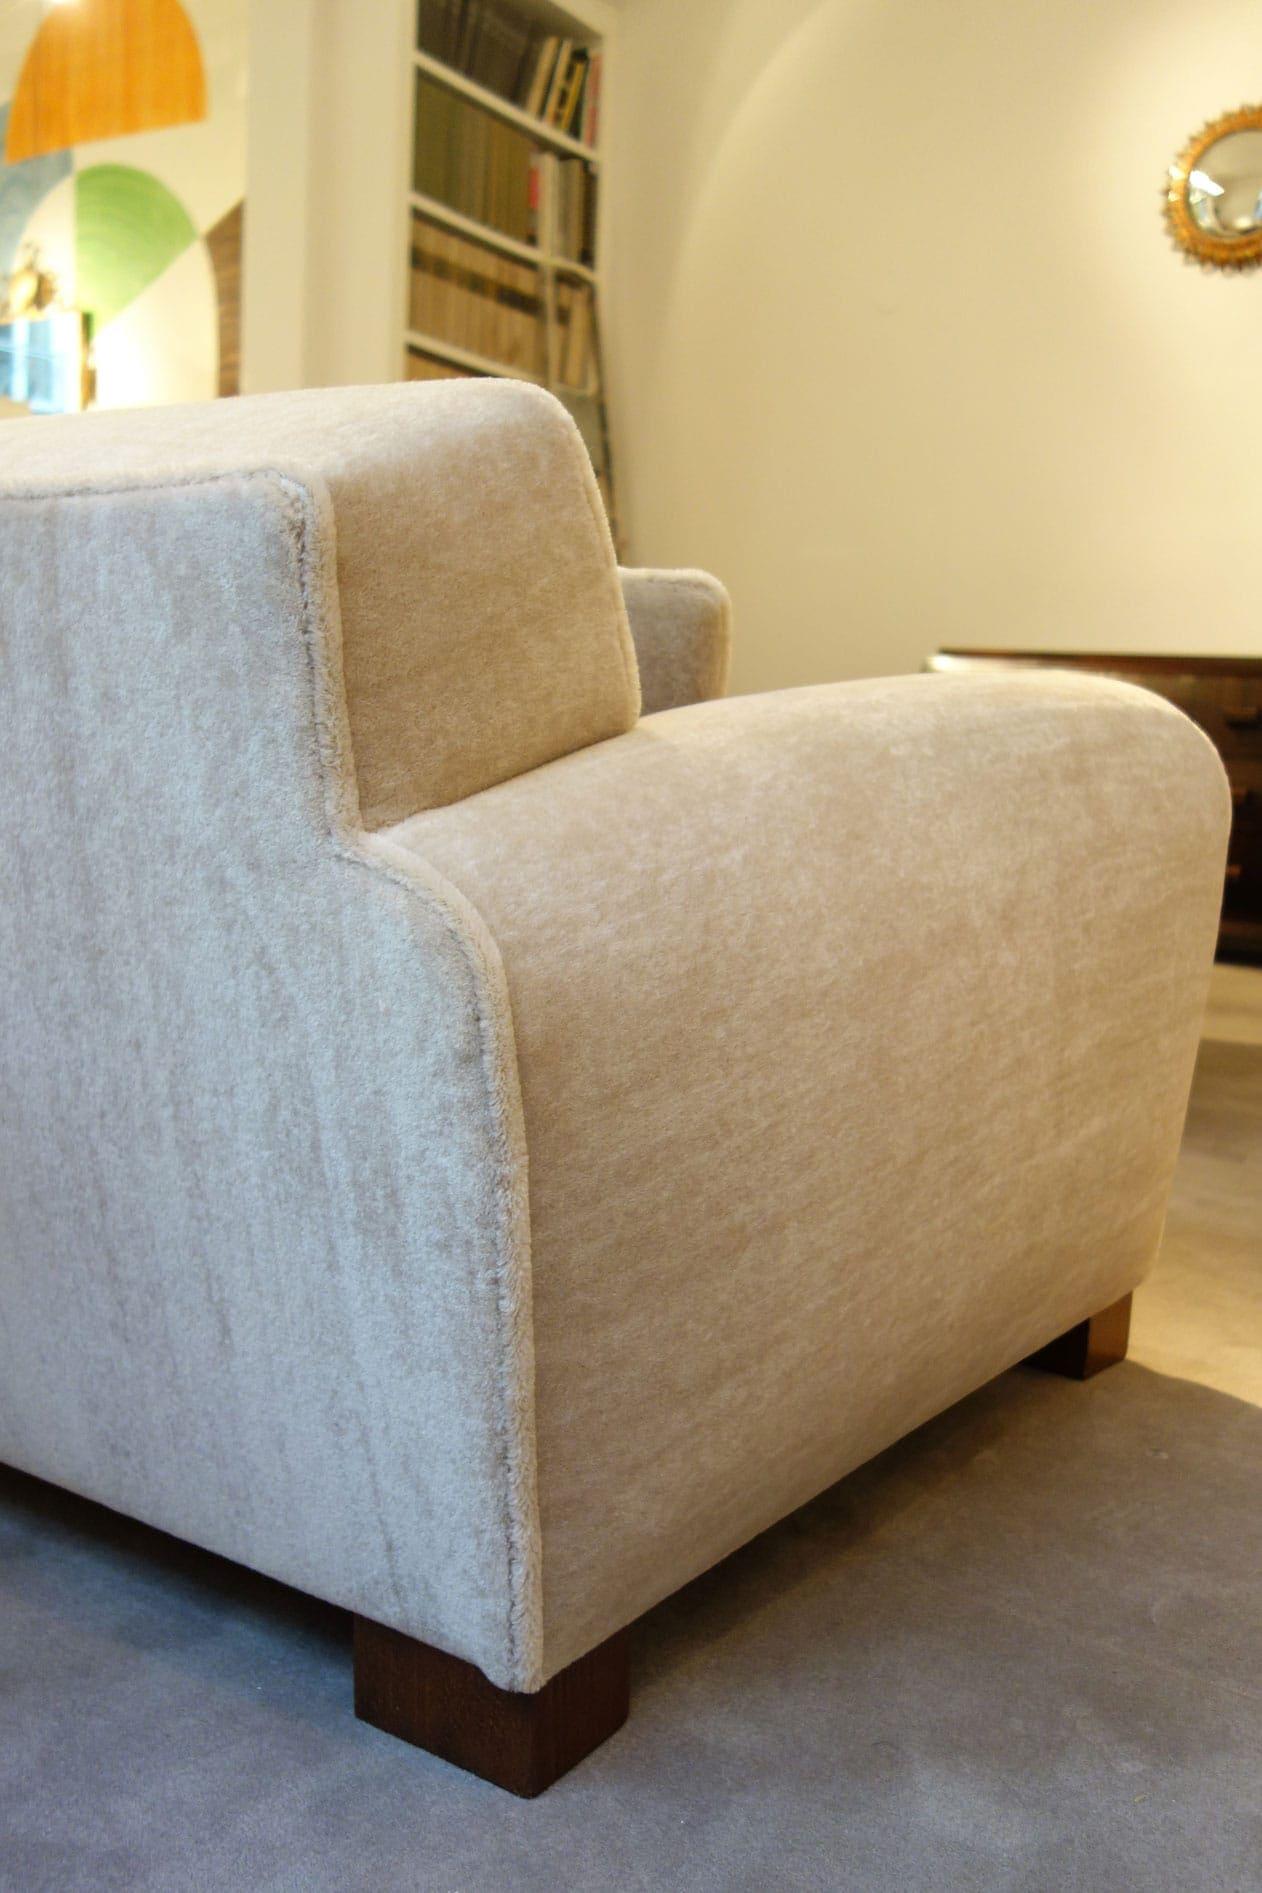 Jean Royère, Rare sofa (sold), vue 04